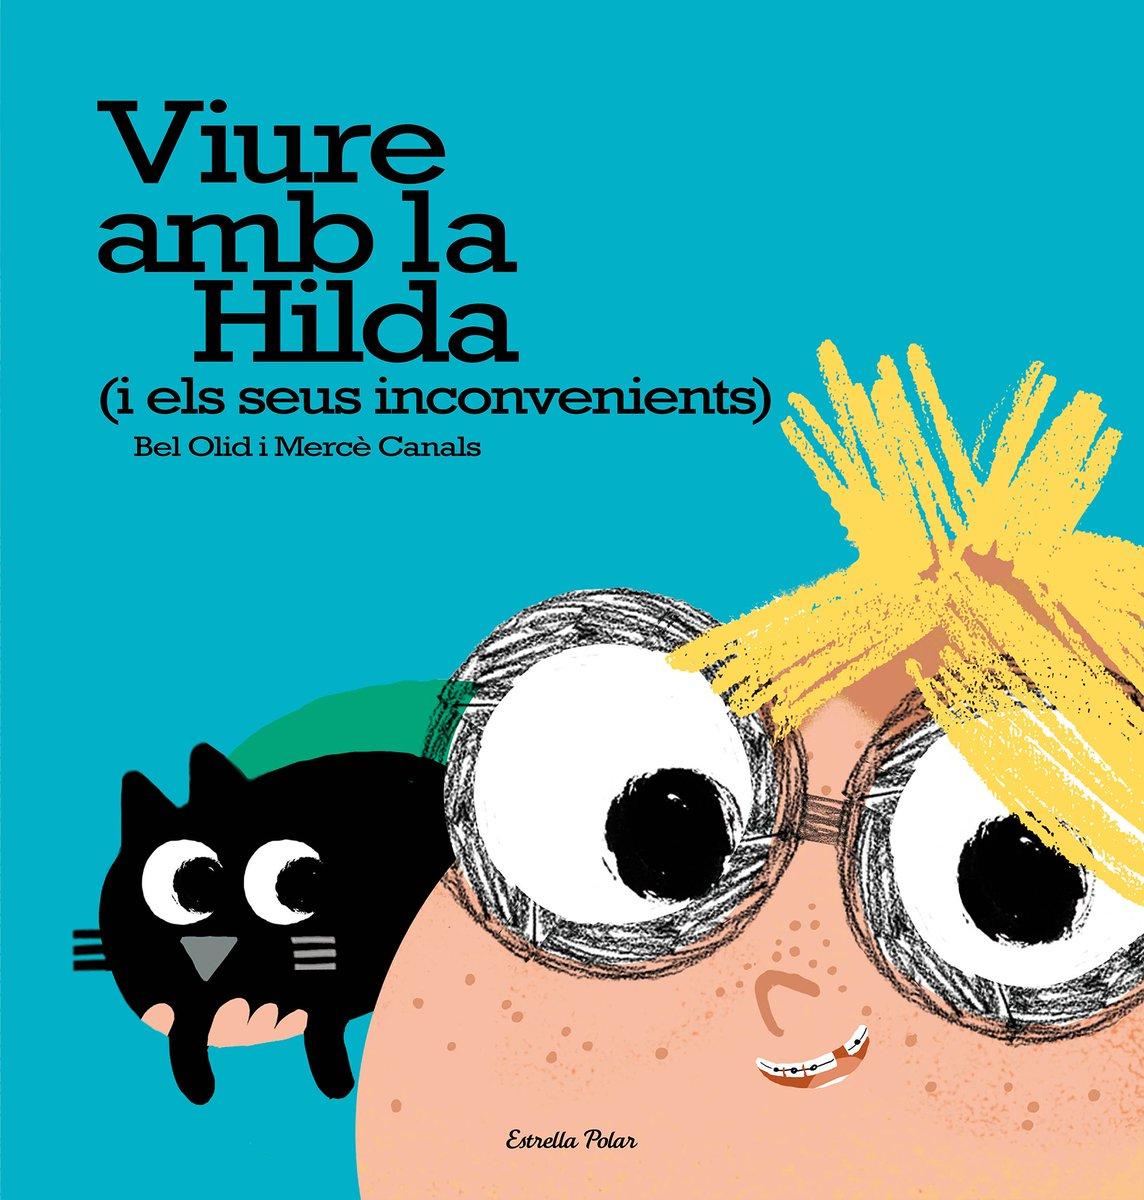 """Novetat #imaginació 😺🐊👧🏼 """"Viure amb la Hilda (i els seus inconvenients)"""", un llibre de Bel Olid i Mercè Canals https://www.grup62.cat/llibre-viure-amb-la-hilda-i-els-seus-inconvenients/242385#soporte/242385…"""